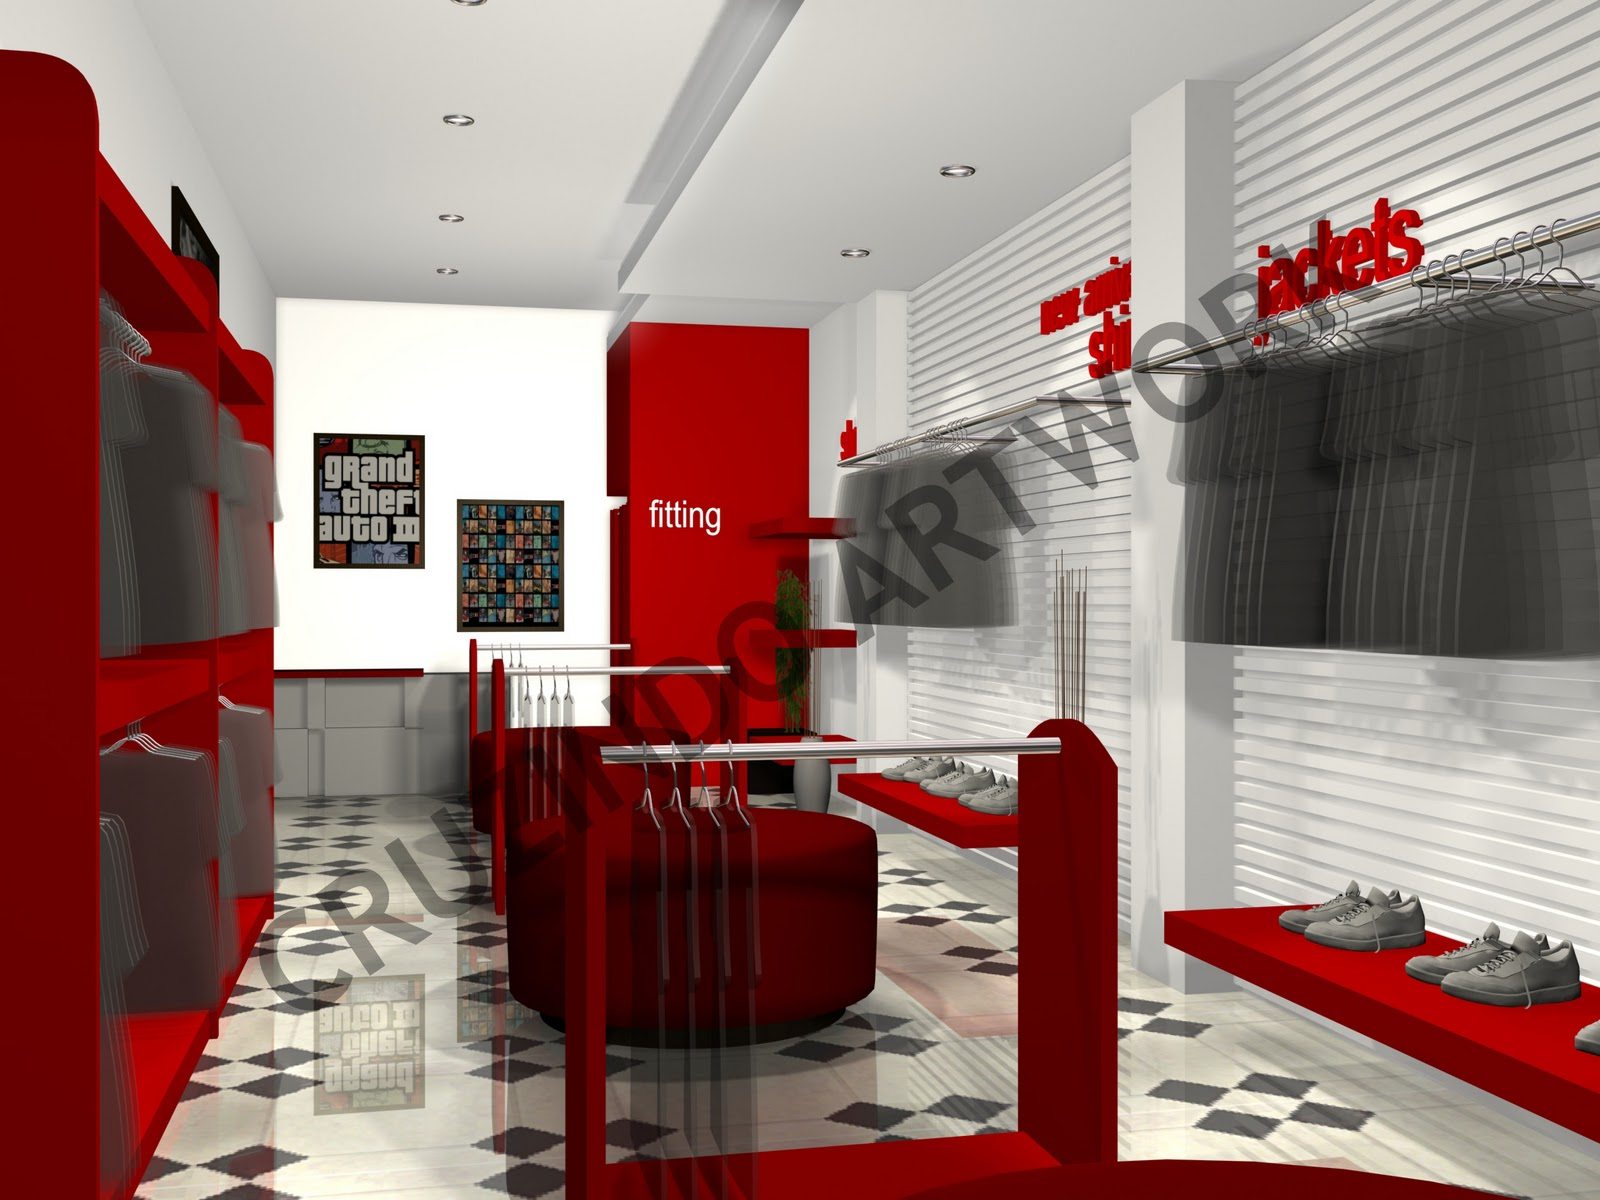 Design Toko Distro Design Stores Distros